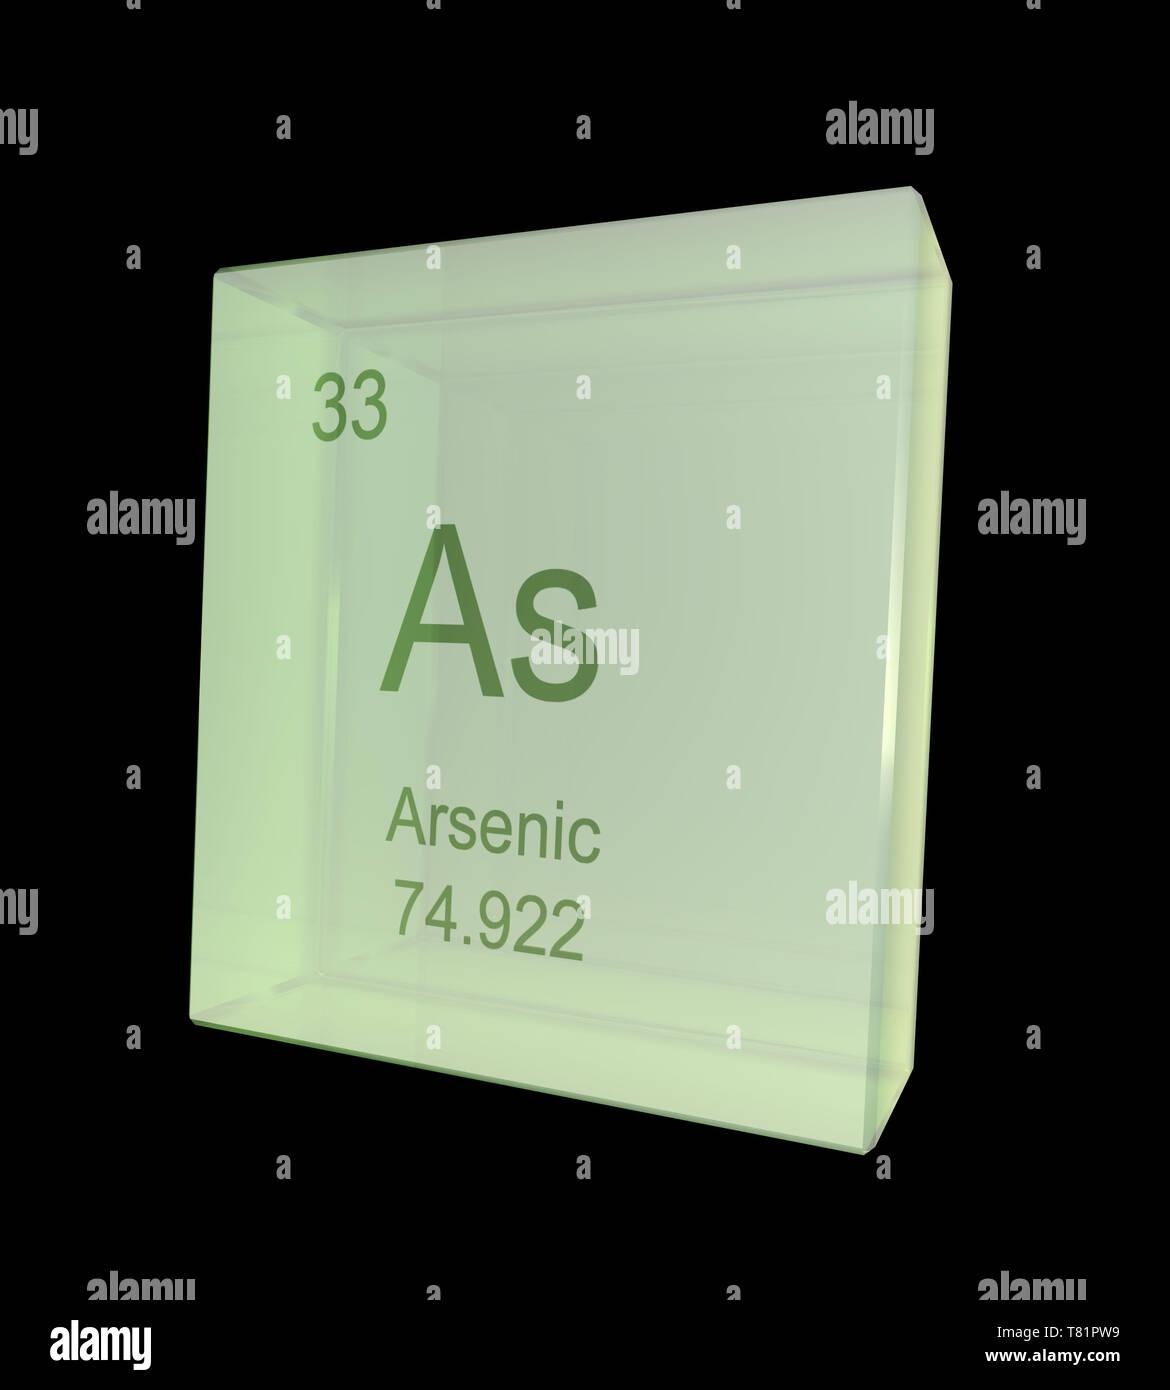 Arsenic, Chemical Element Symbol, Illustration - Stock Image